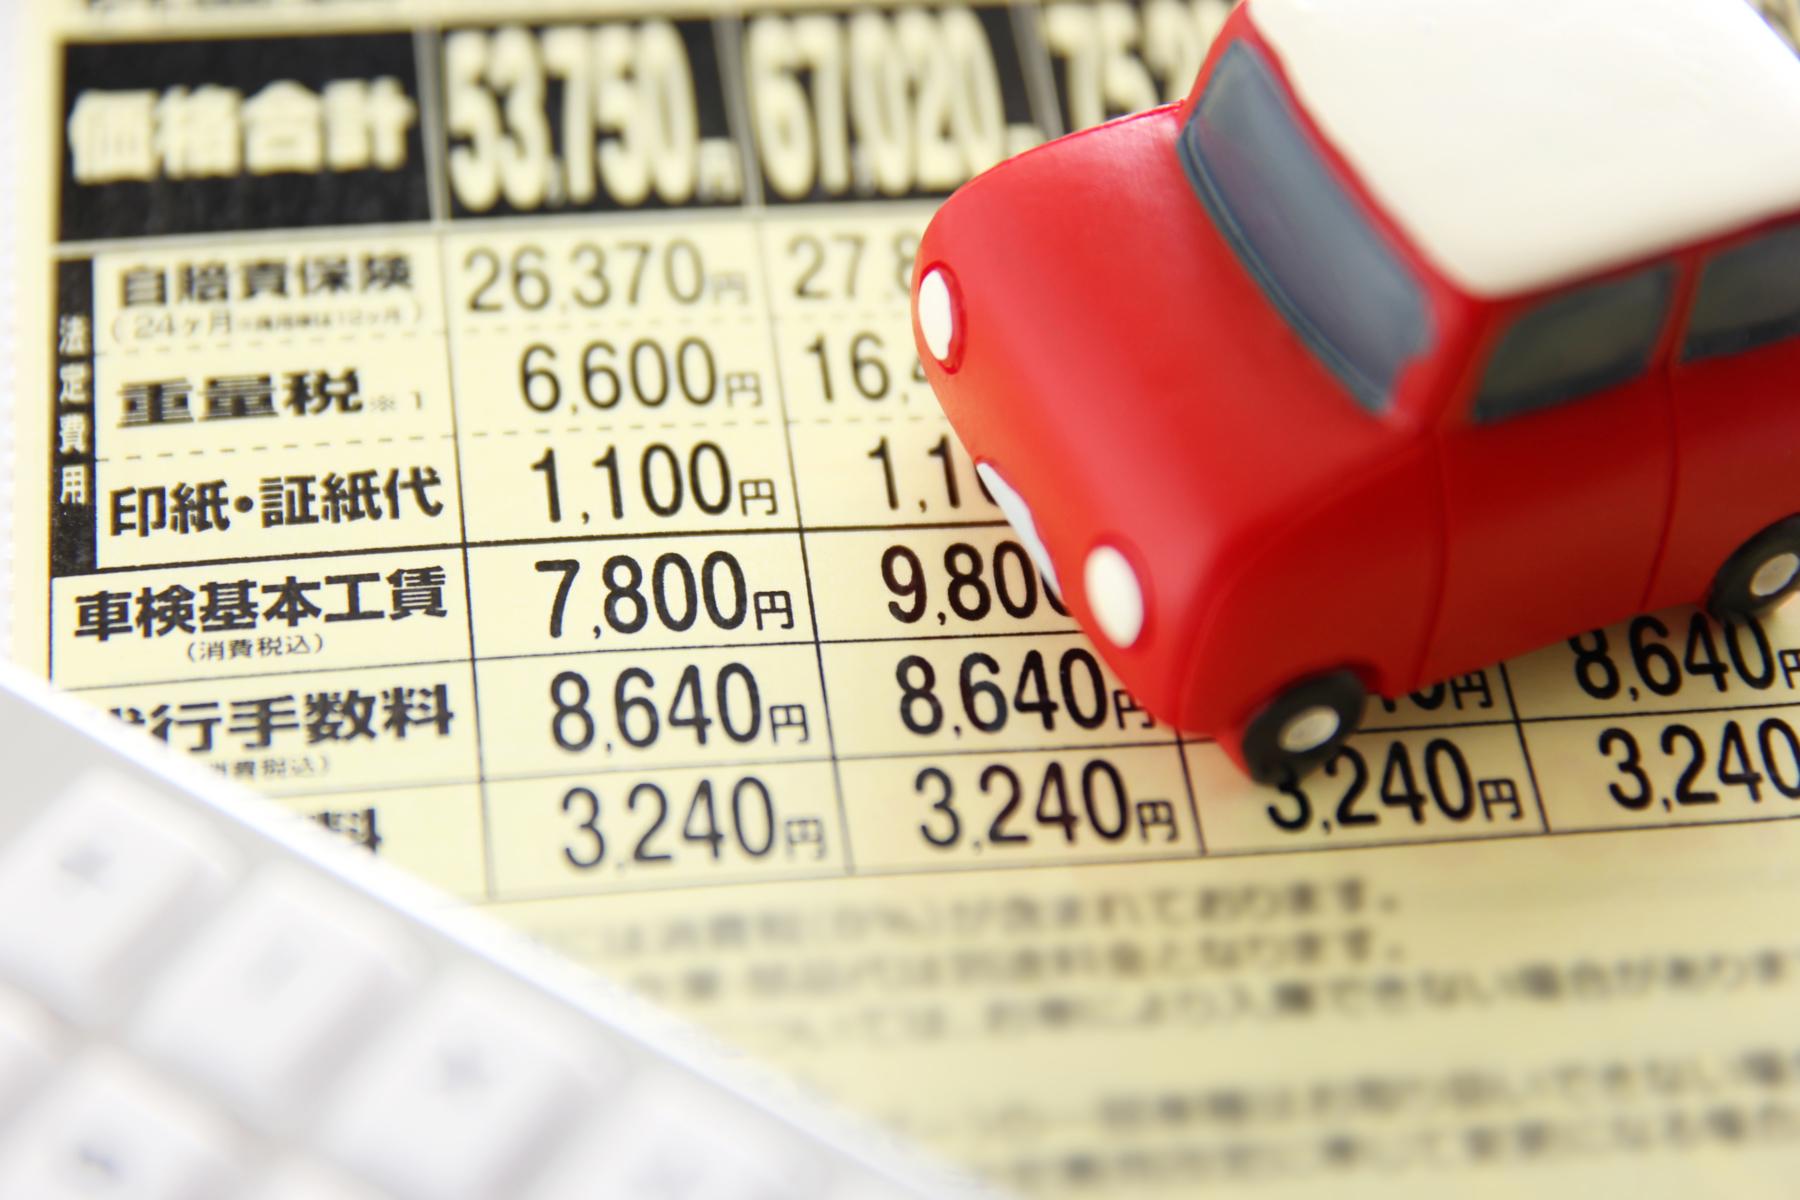 愛知県春日井市、小牧市にある【清水自動車】での車検の参考画像